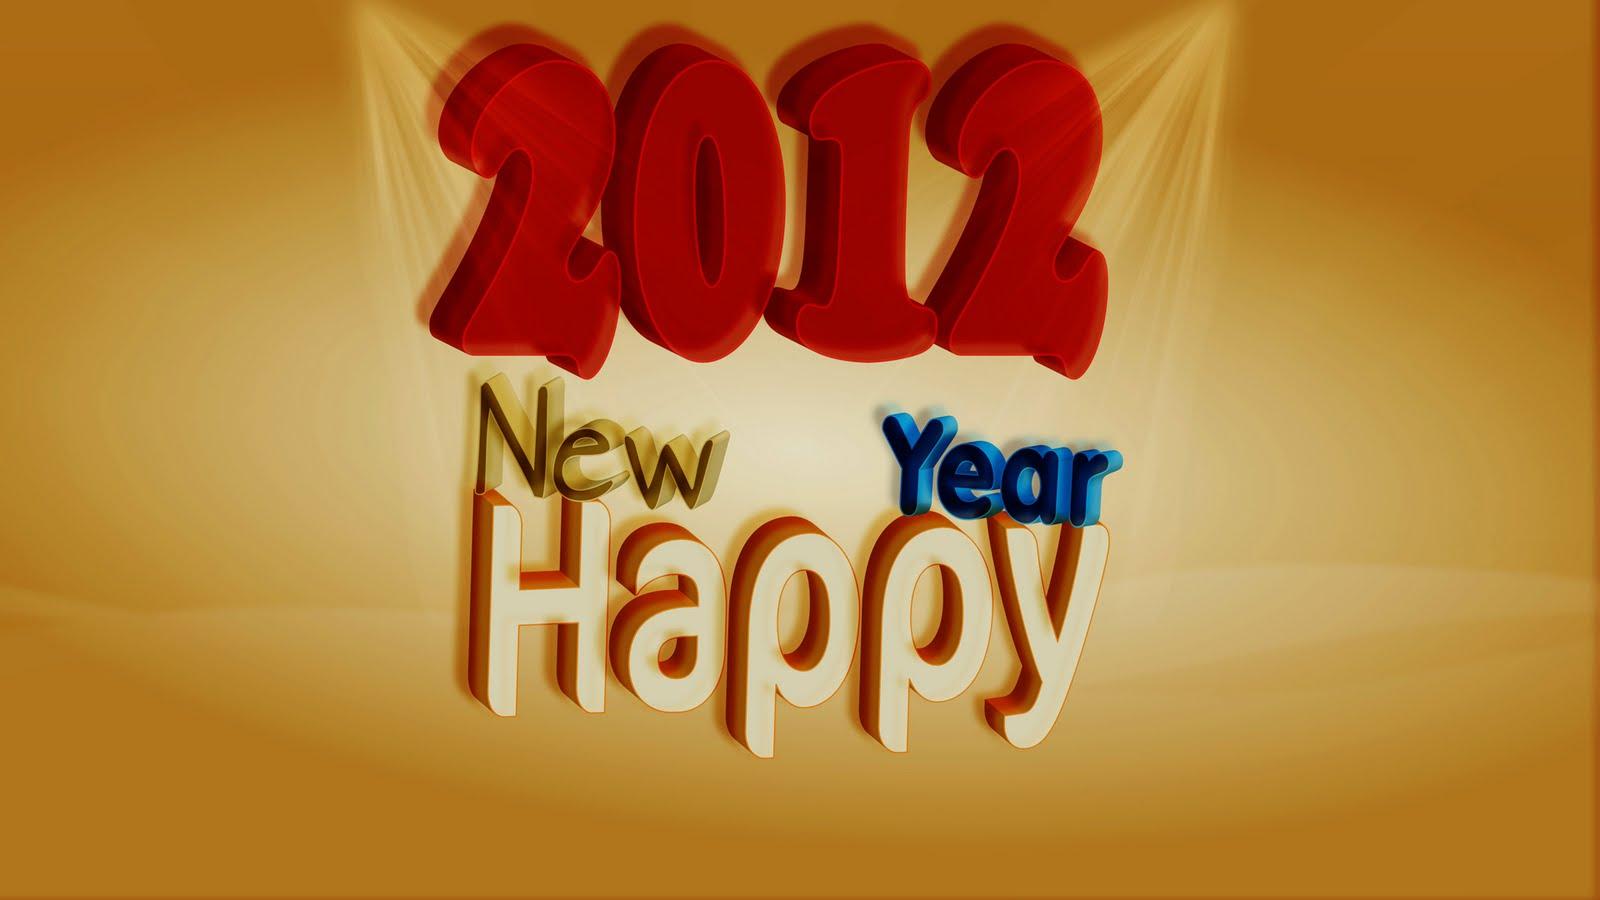 http://3.bp.blogspot.com/-vm0gdggTd8Y/Tv6fHdezEHI/AAAAAAAAAAg/a9bhd6bKrSI/s1600/2012-Happy-New-Year-wallpaper.jpg